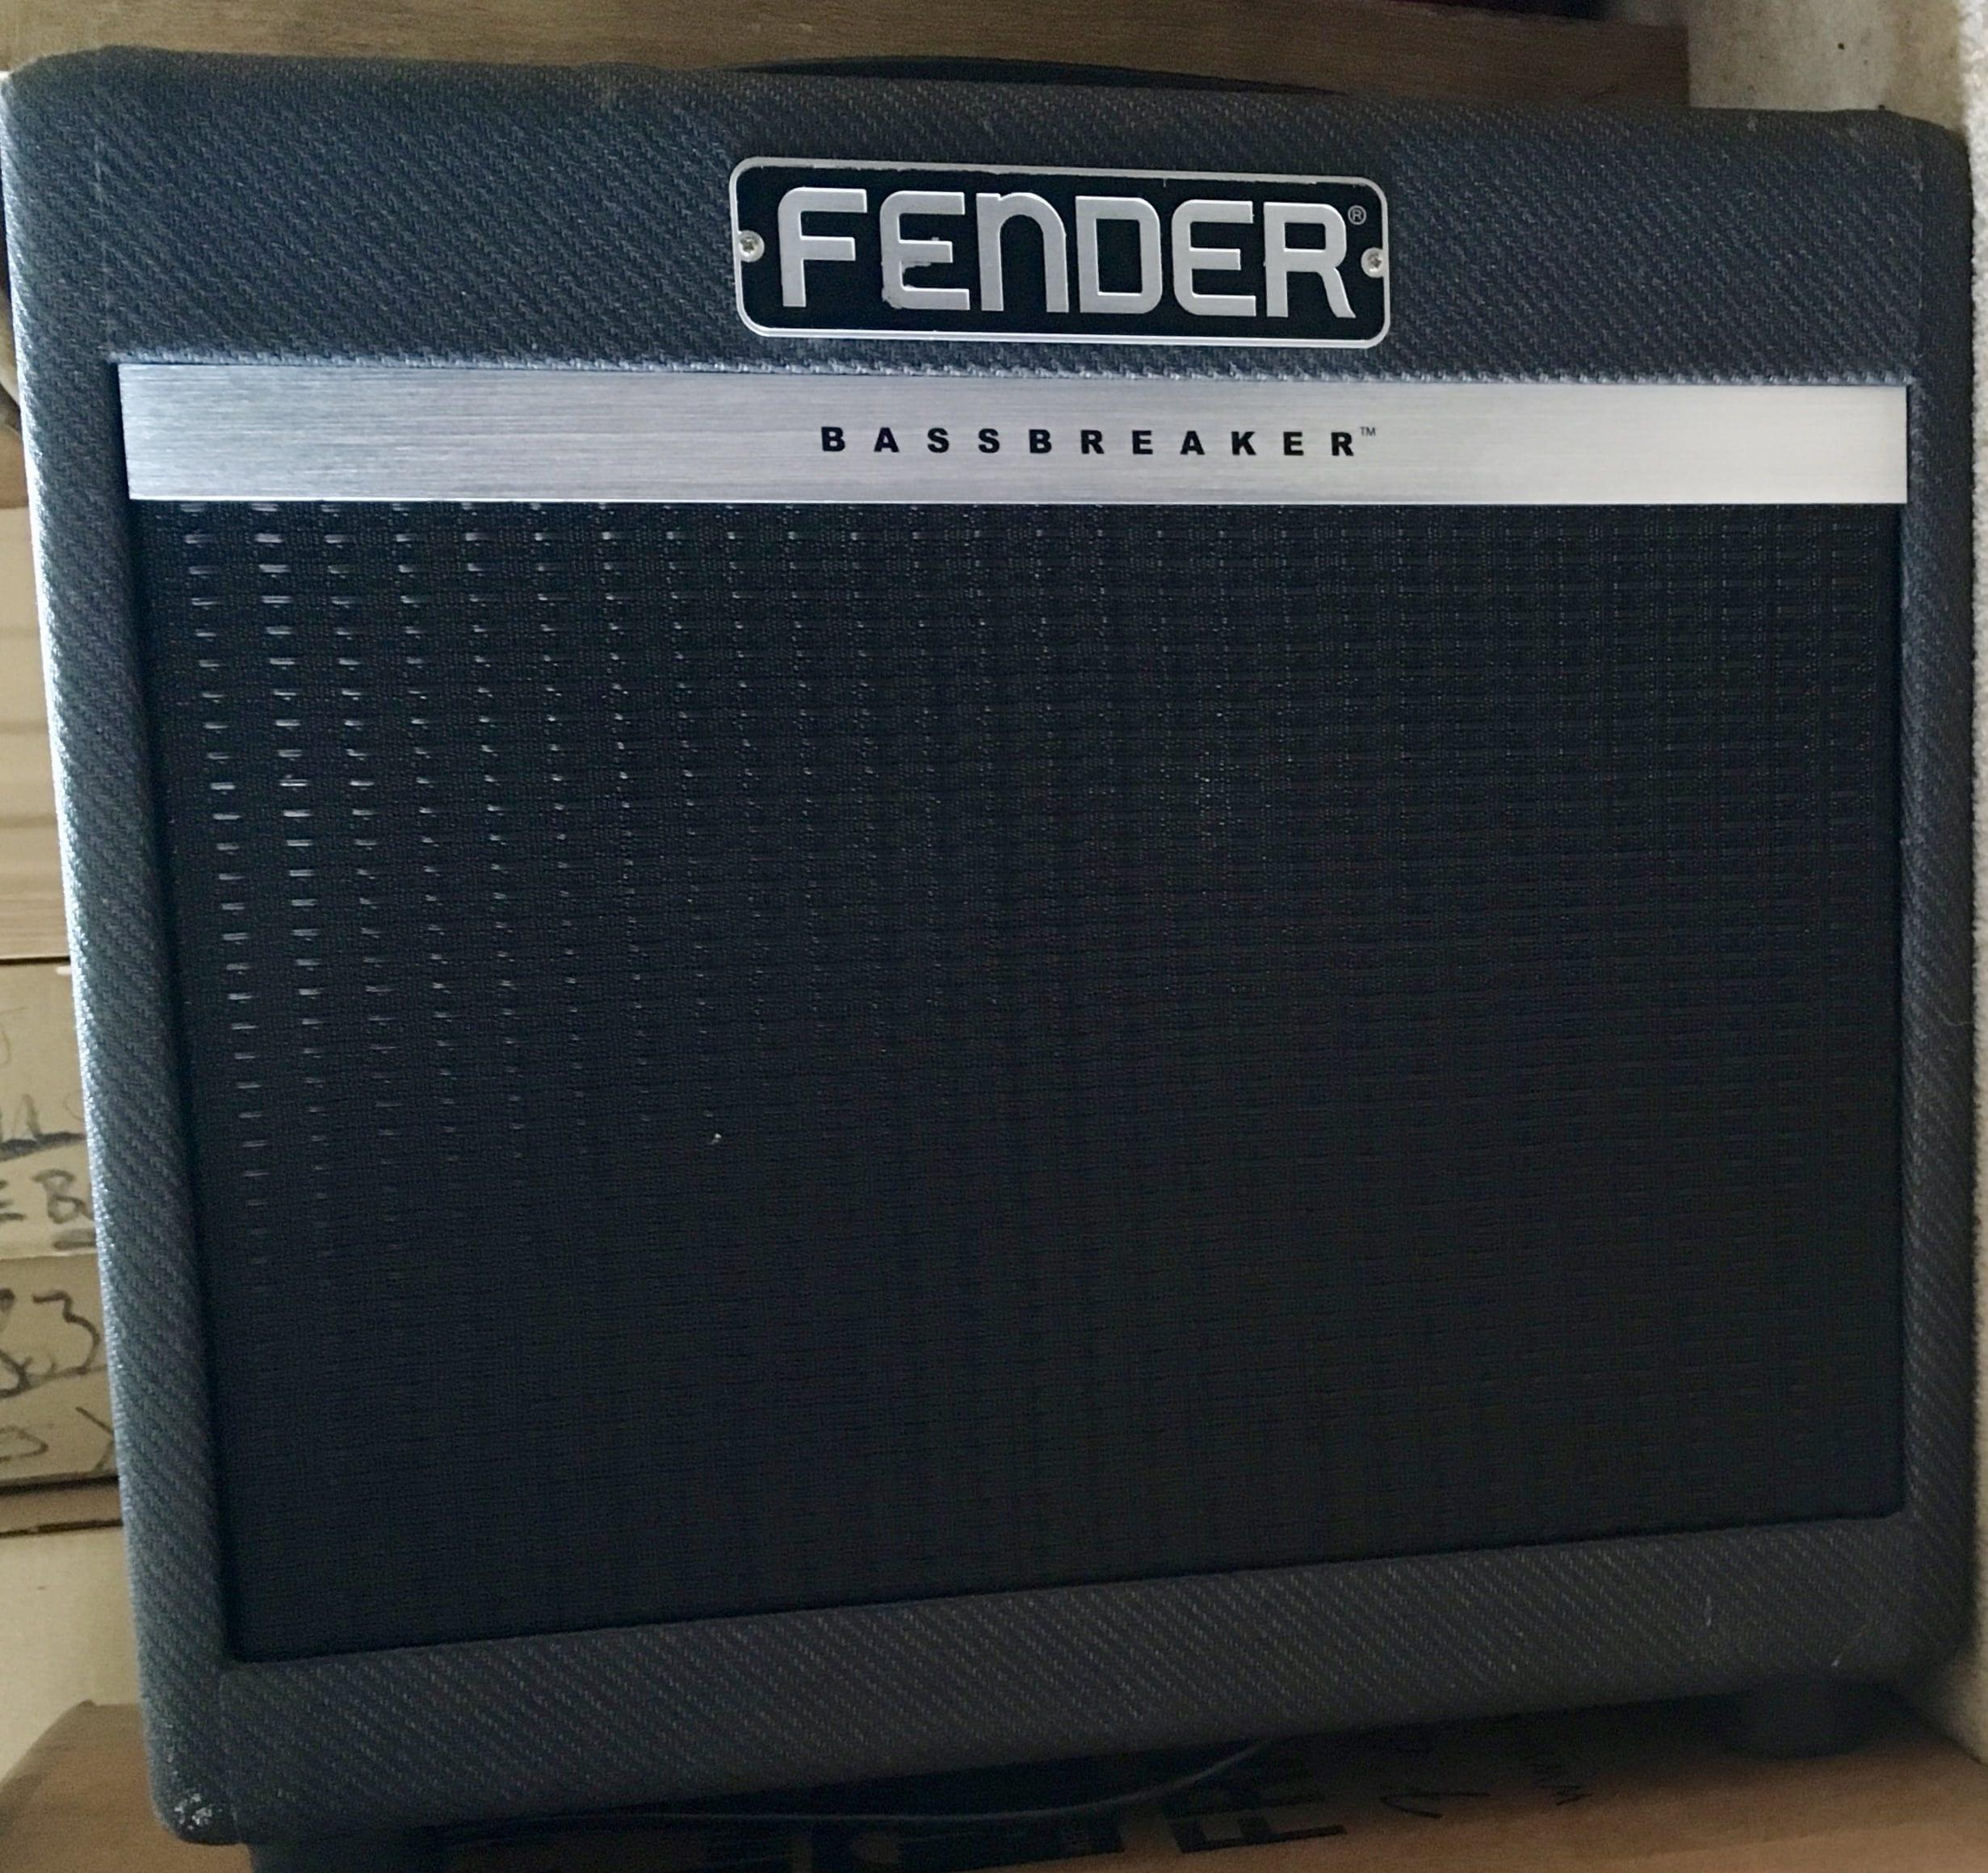 Fender Bassbreaker 007 Image